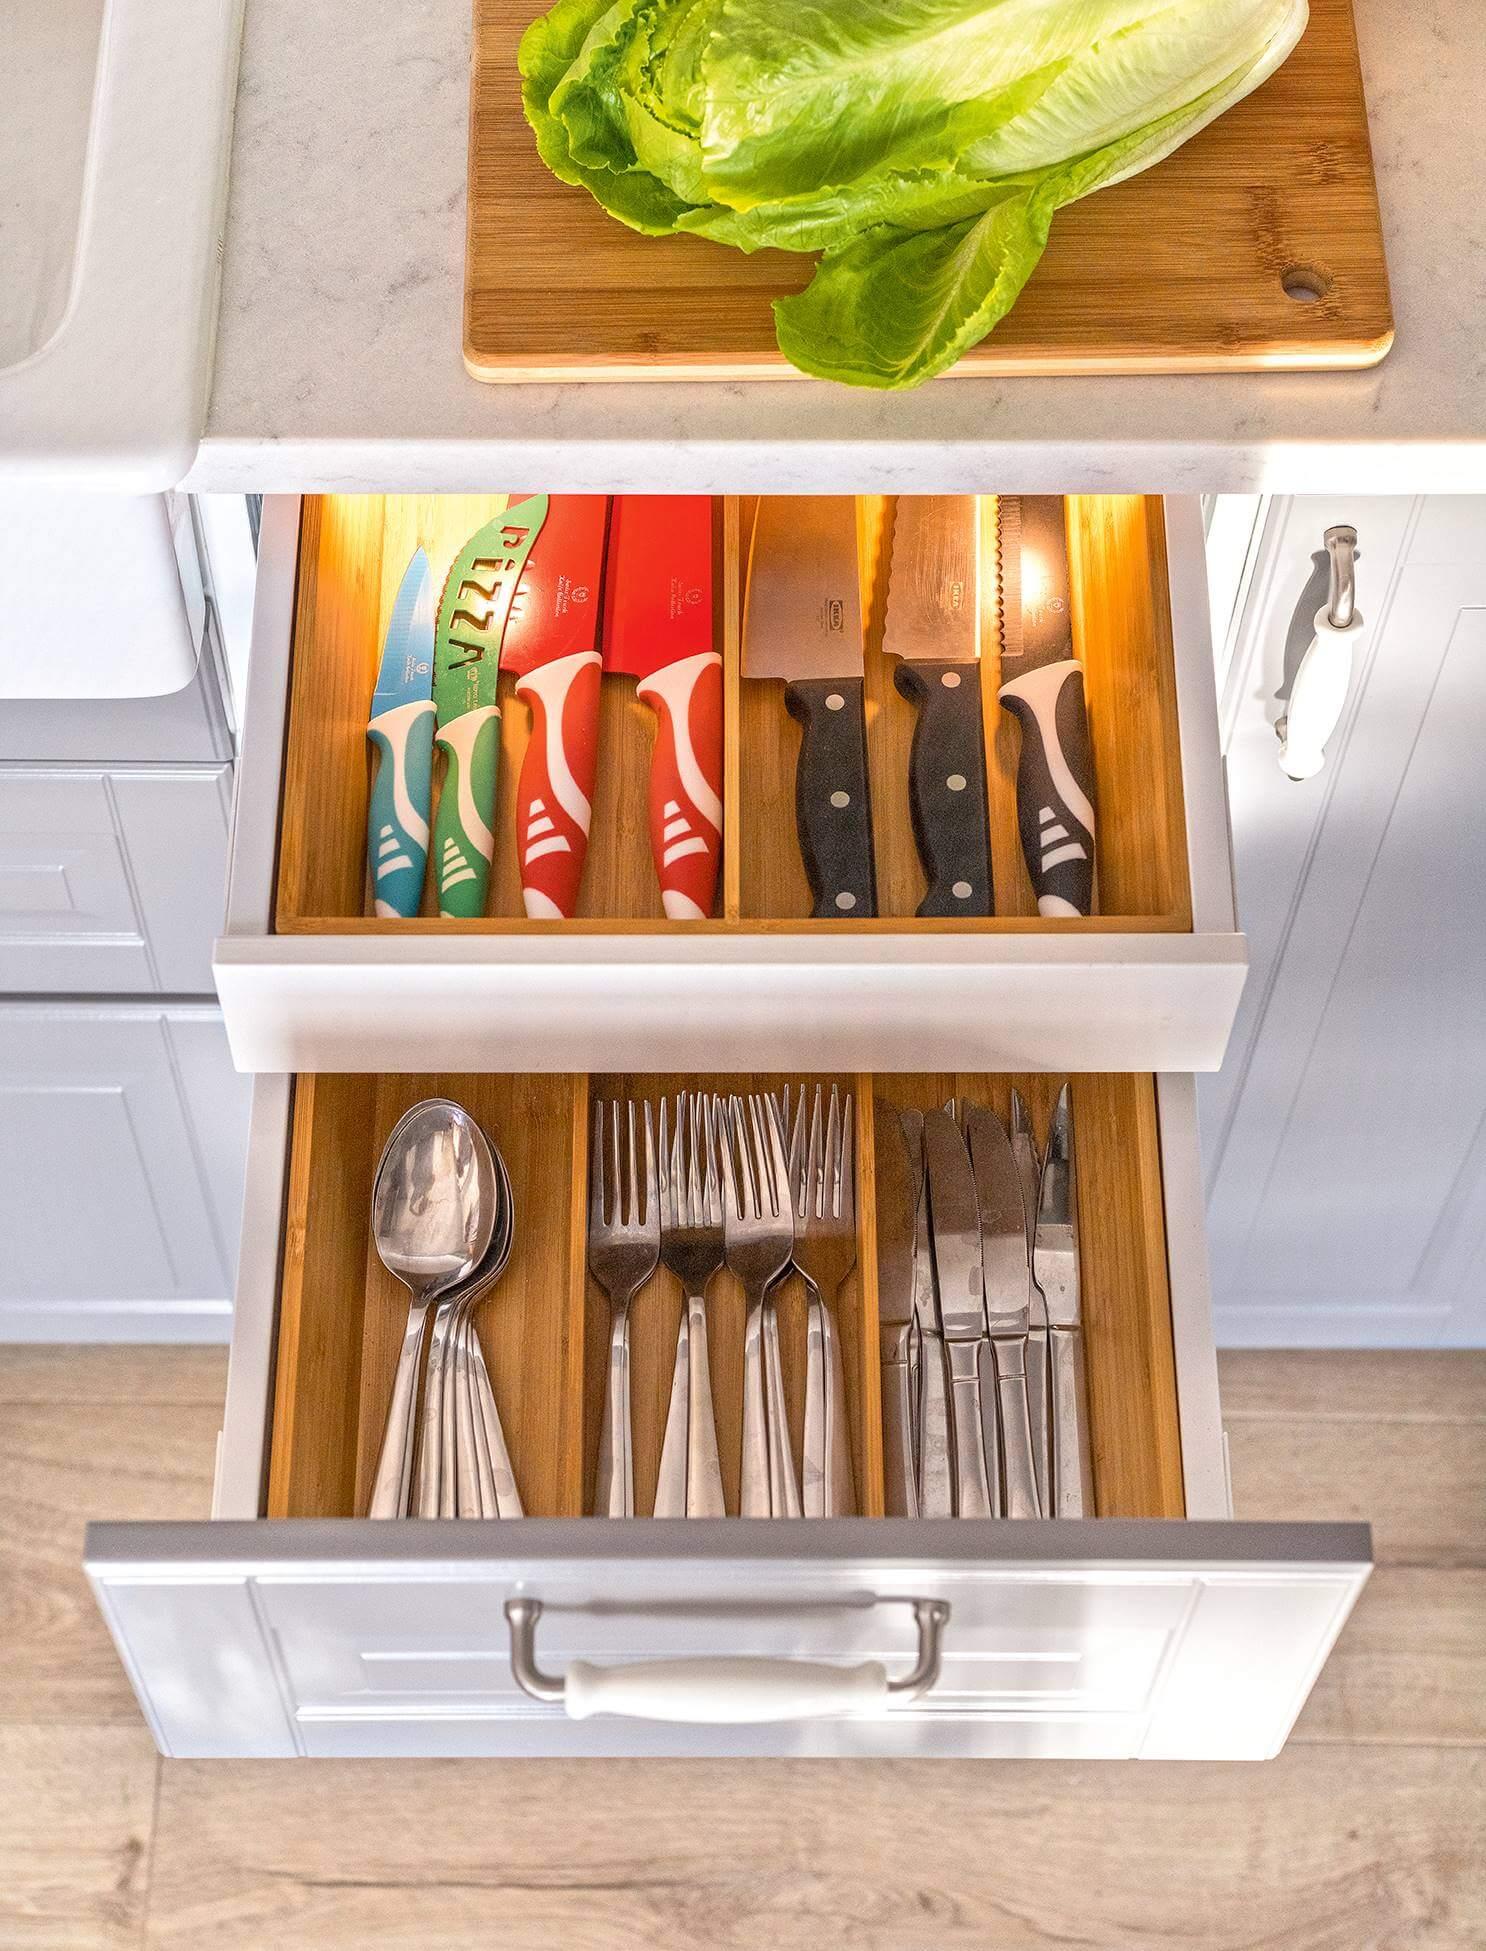 Организация ложек и вилок на кухне